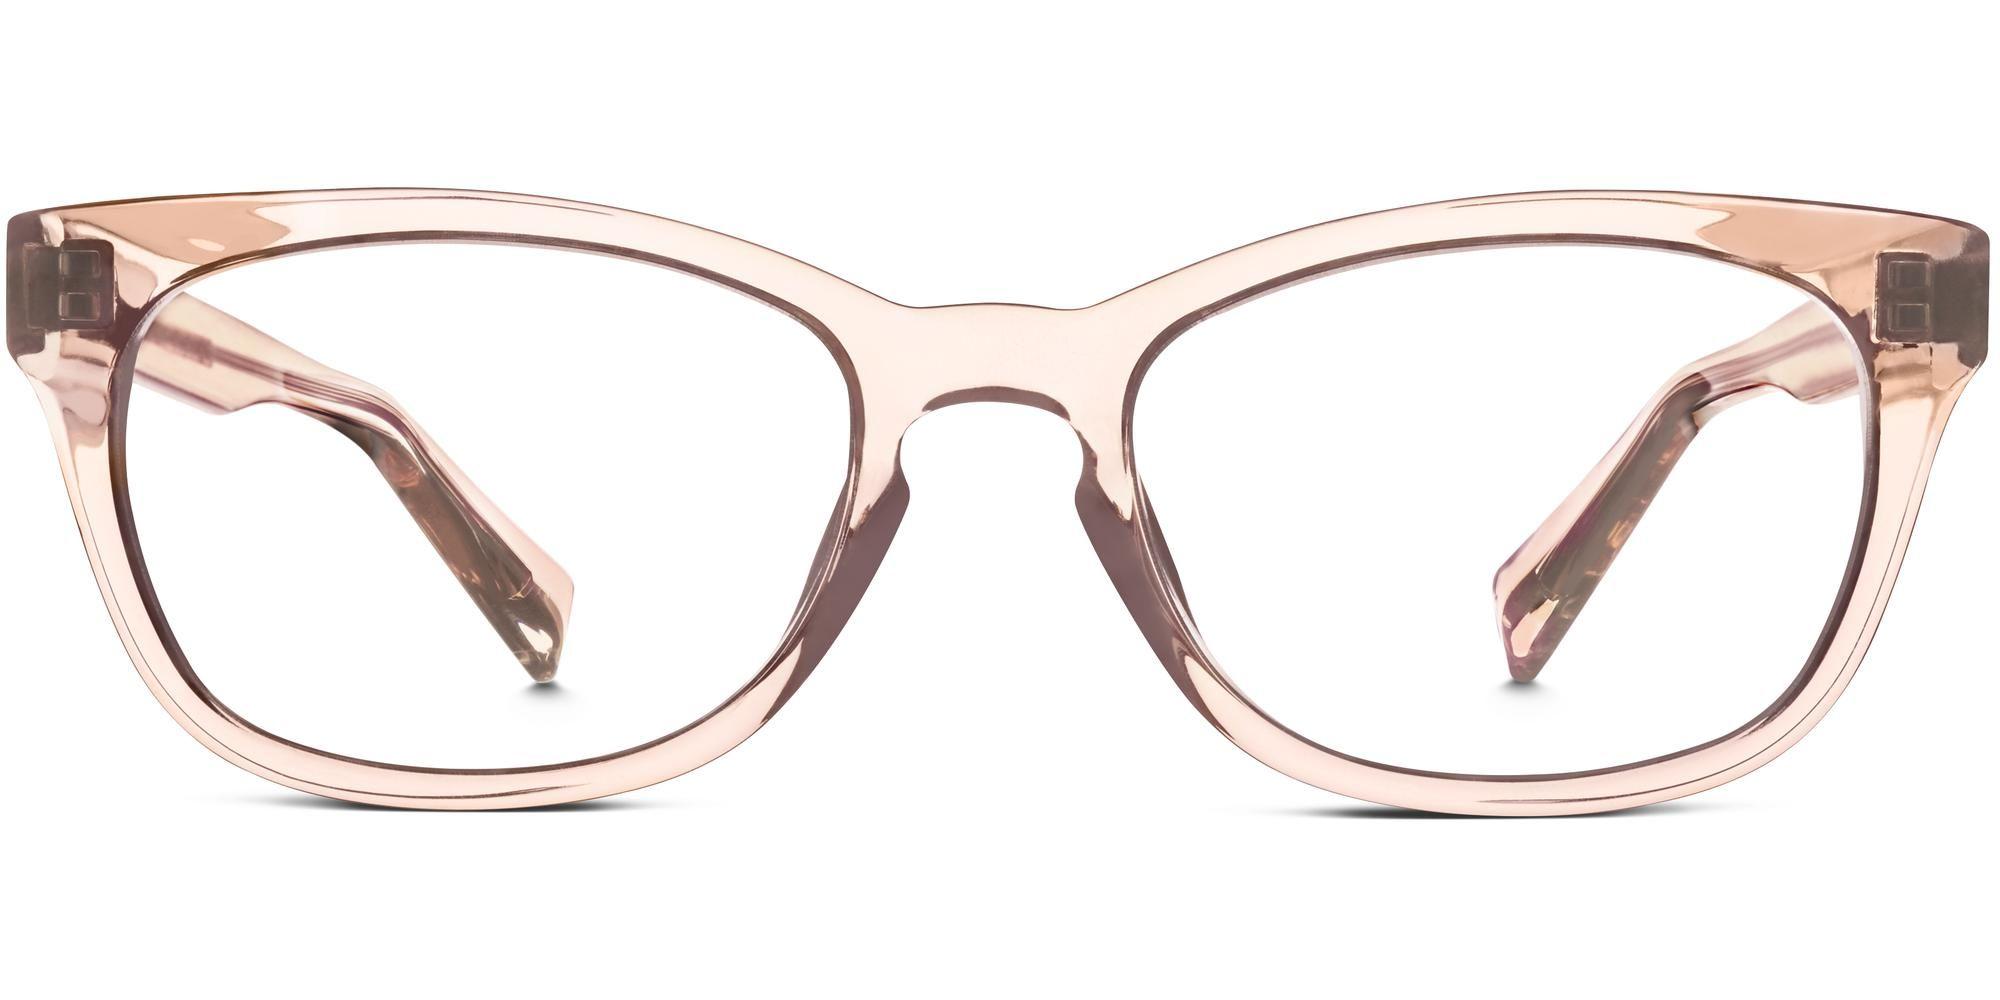 Finch Eyeglasses in Bellini for Women | accessorize me | Pinterest